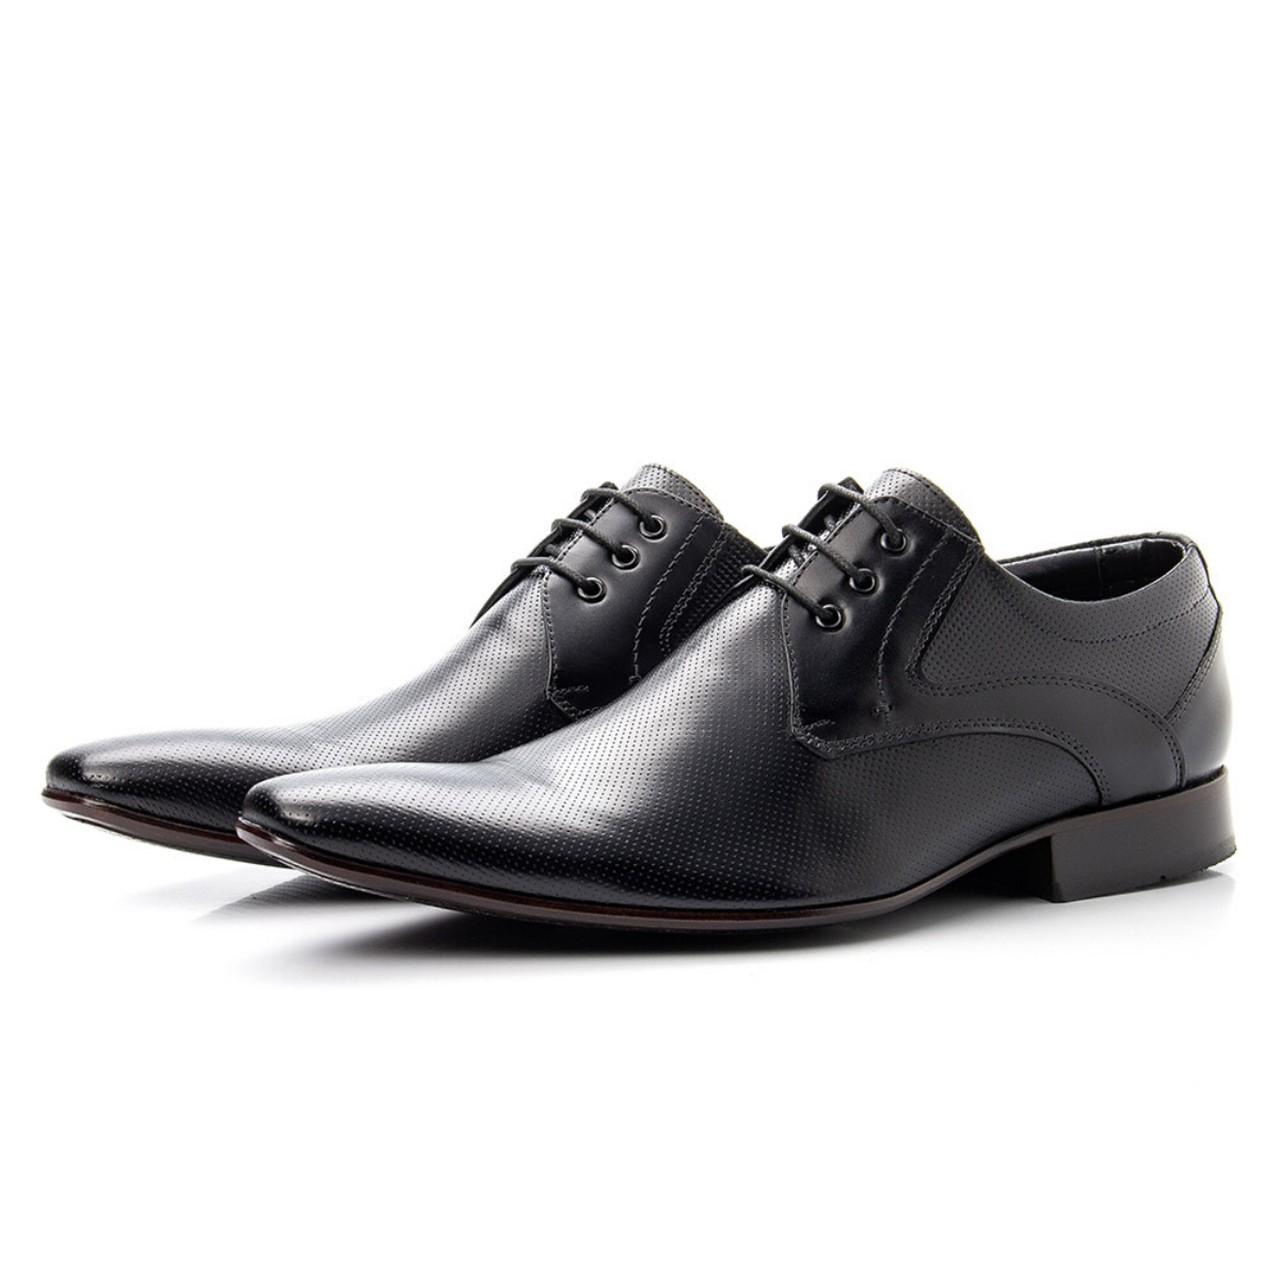 Sapato Social Bigioni 379 Clássico Couro Preto